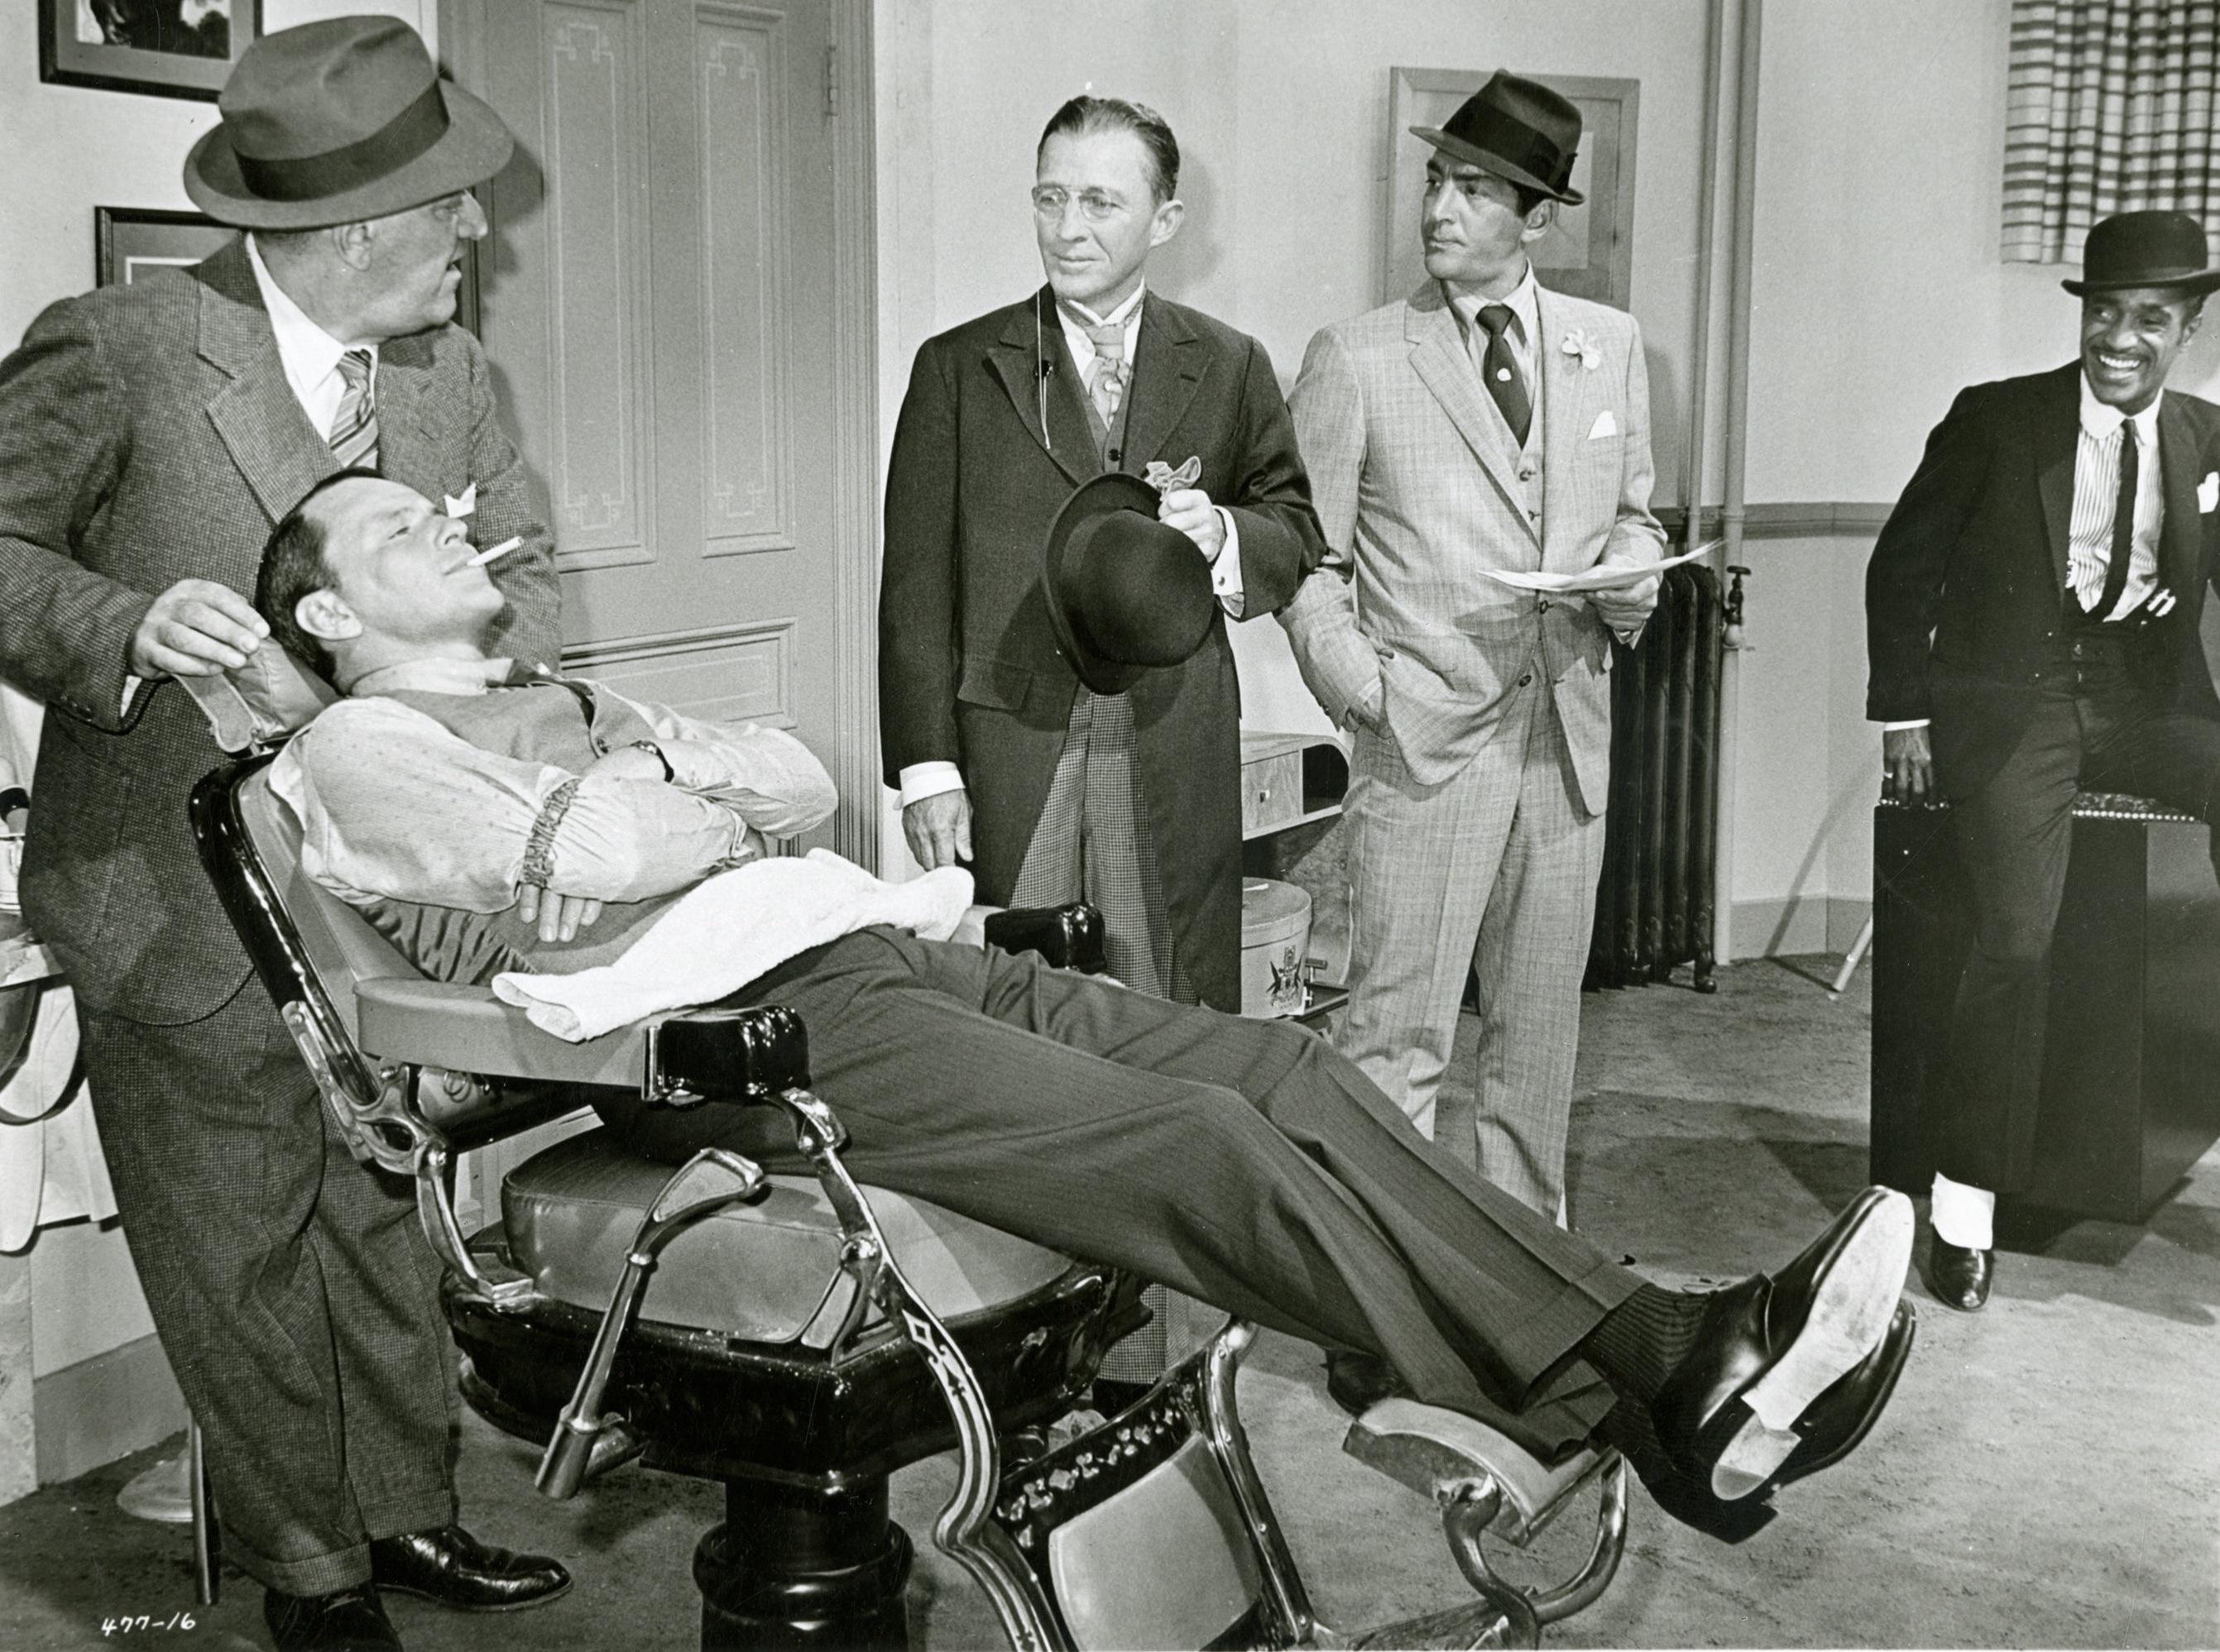 """Bing Crosby, singer, vocal, piosenkarz, historia muzyki, radio, telewizja, white christmas, swing, jazz, amerykańskie standardy, legenda, Frank Sinatra, Dean Martin, Sammy Davis Jr. film """"Robin i 7 gangsterów"""""""